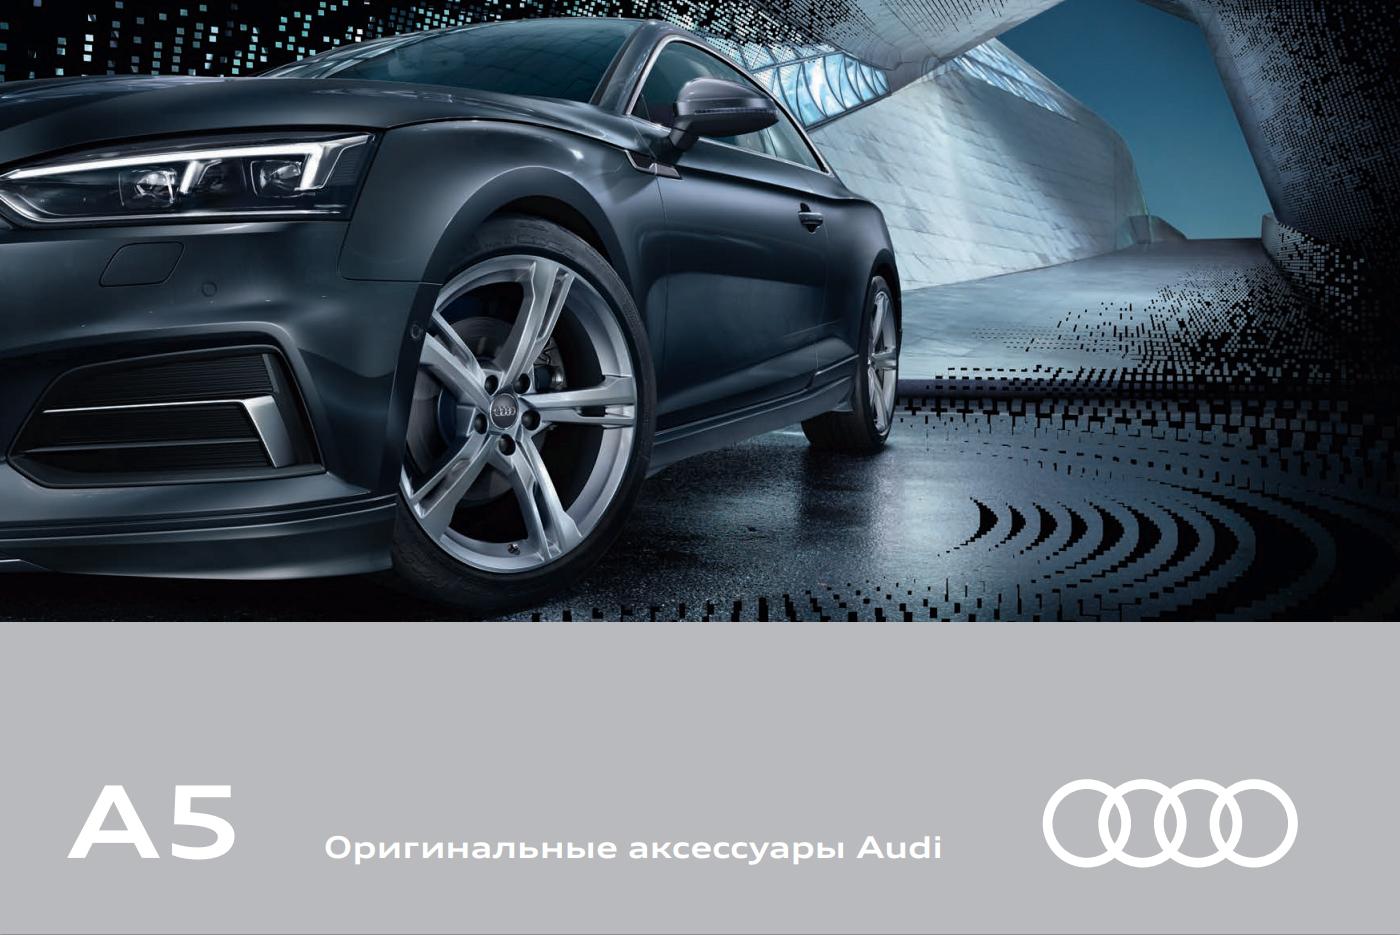 Audi_a5_f5_rus_accessories_09.2016.jpg